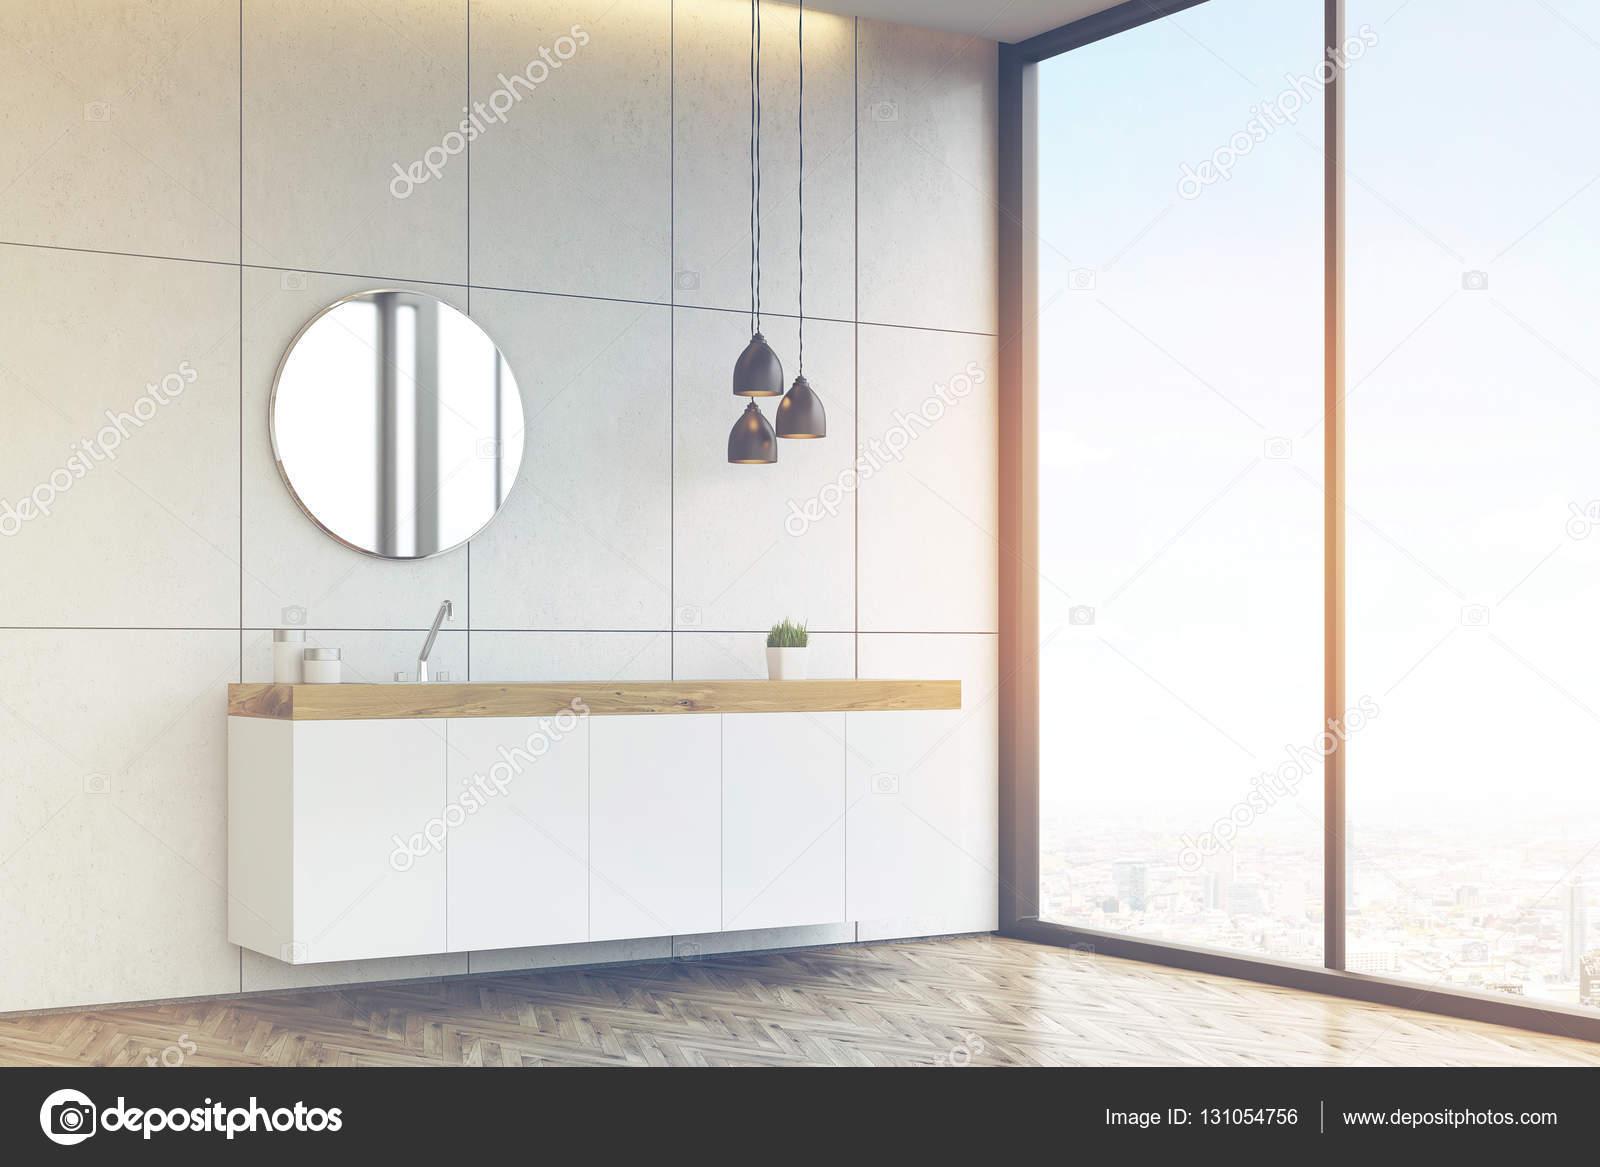 Ronde Spiegel Badkamer : Zijkant uitzicht op een badkamer wastafel met ronde spiegel op